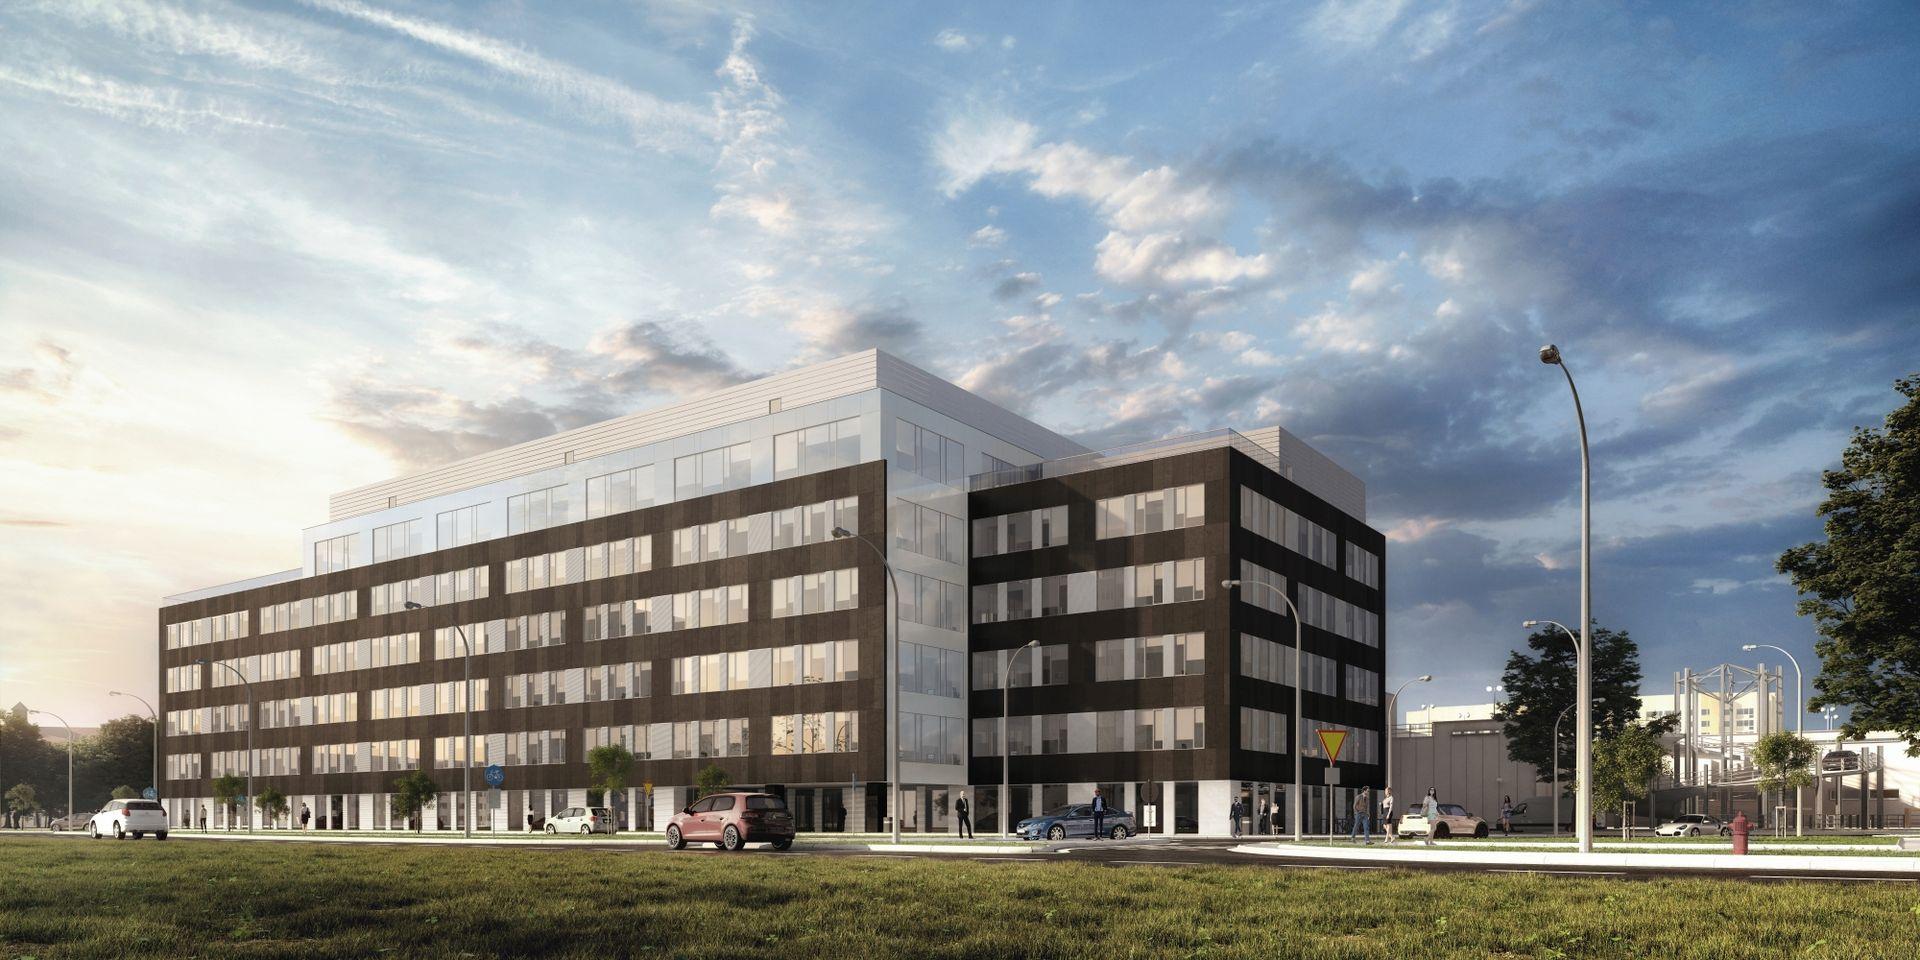 [Wrocław] Tuż obok West Gate stanie West Link. Rusza budowa nowego biurowca